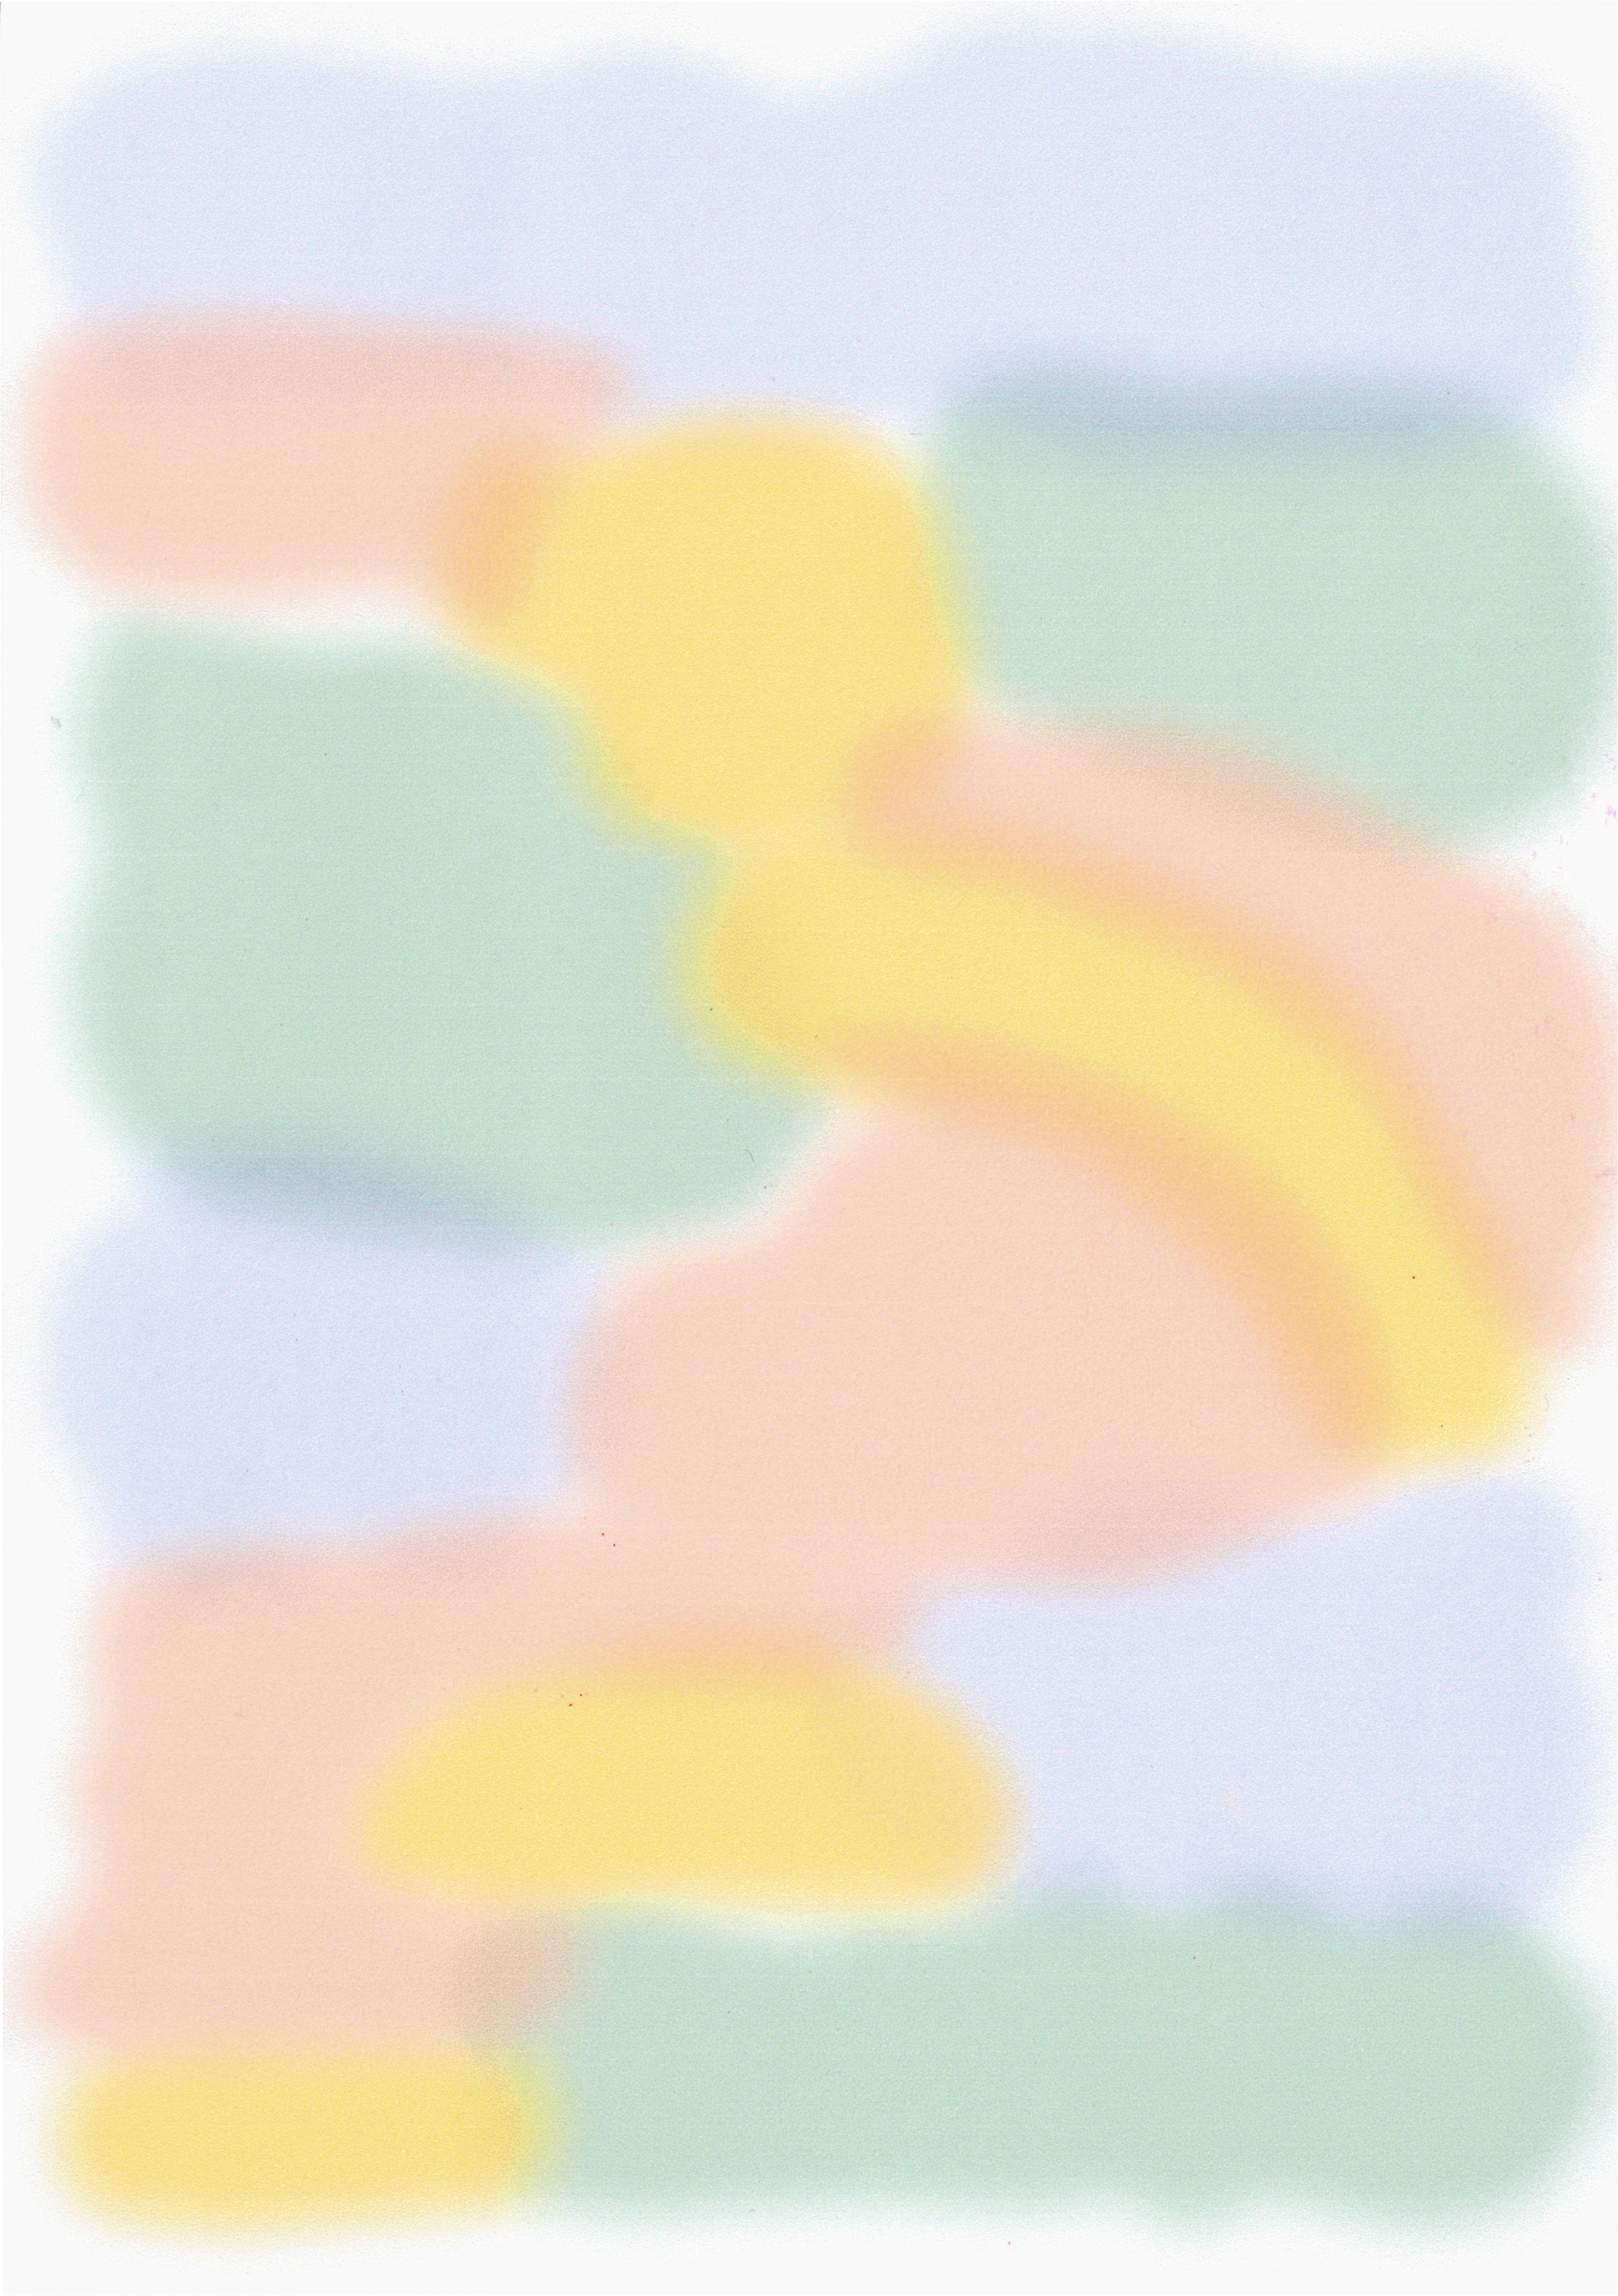 Spray bubble rainbow illustration